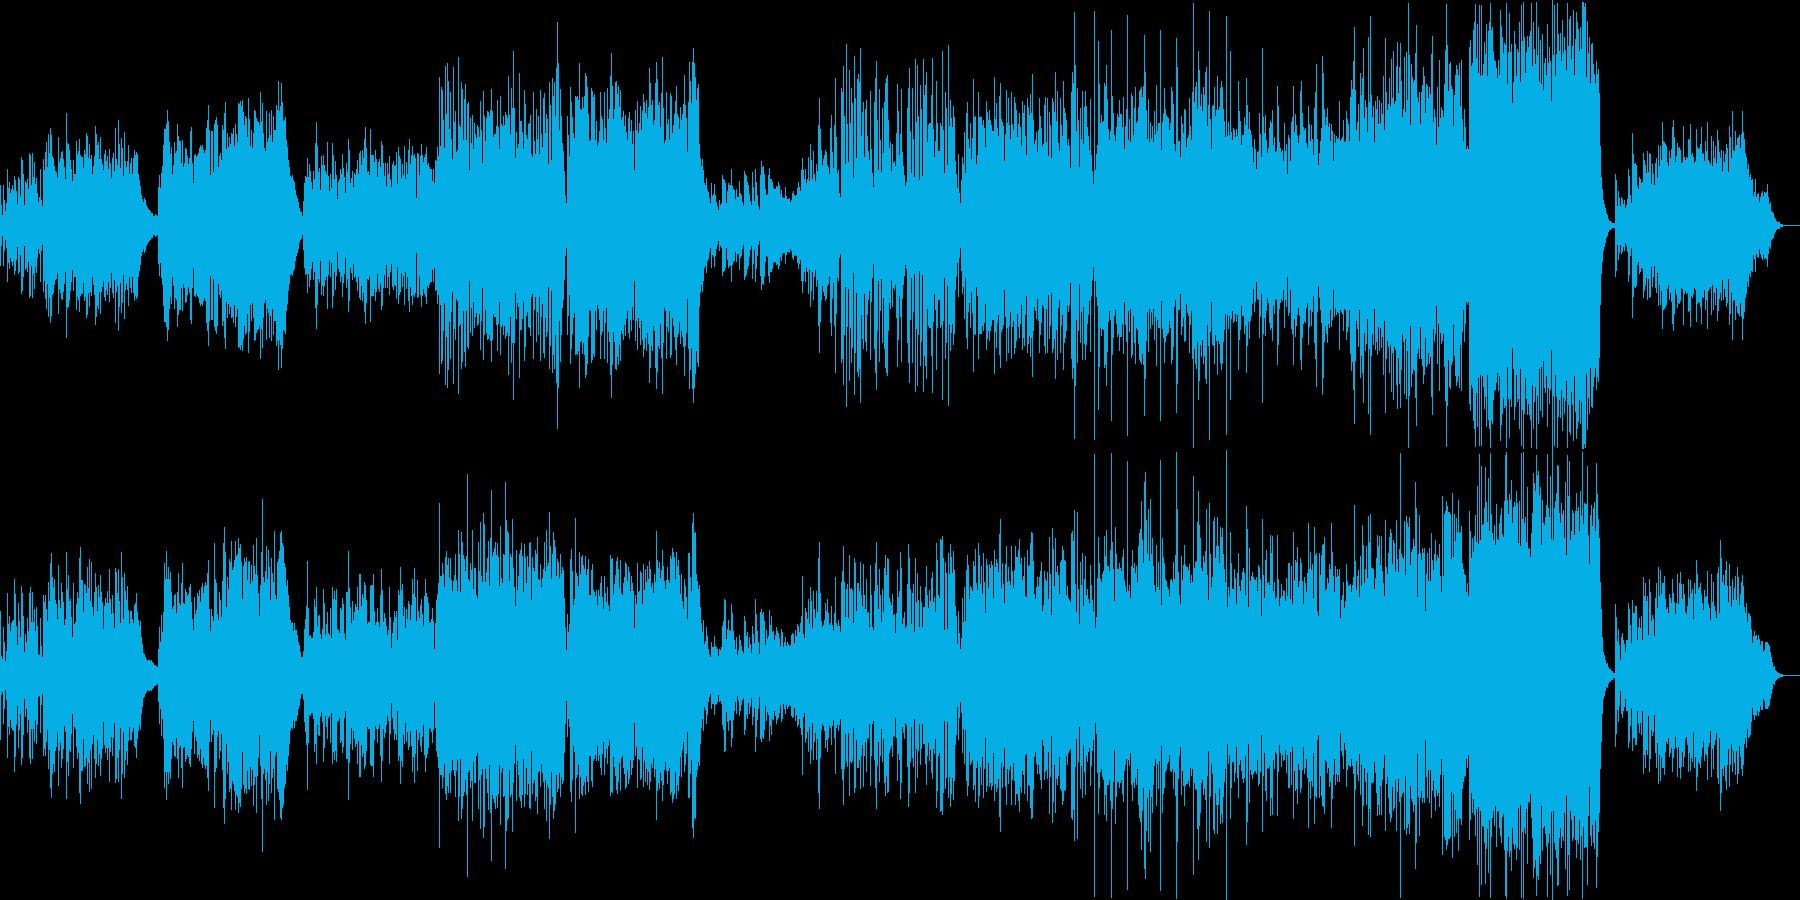 ピアノとヴァイオリンが導く「風」の曲の再生済みの波形